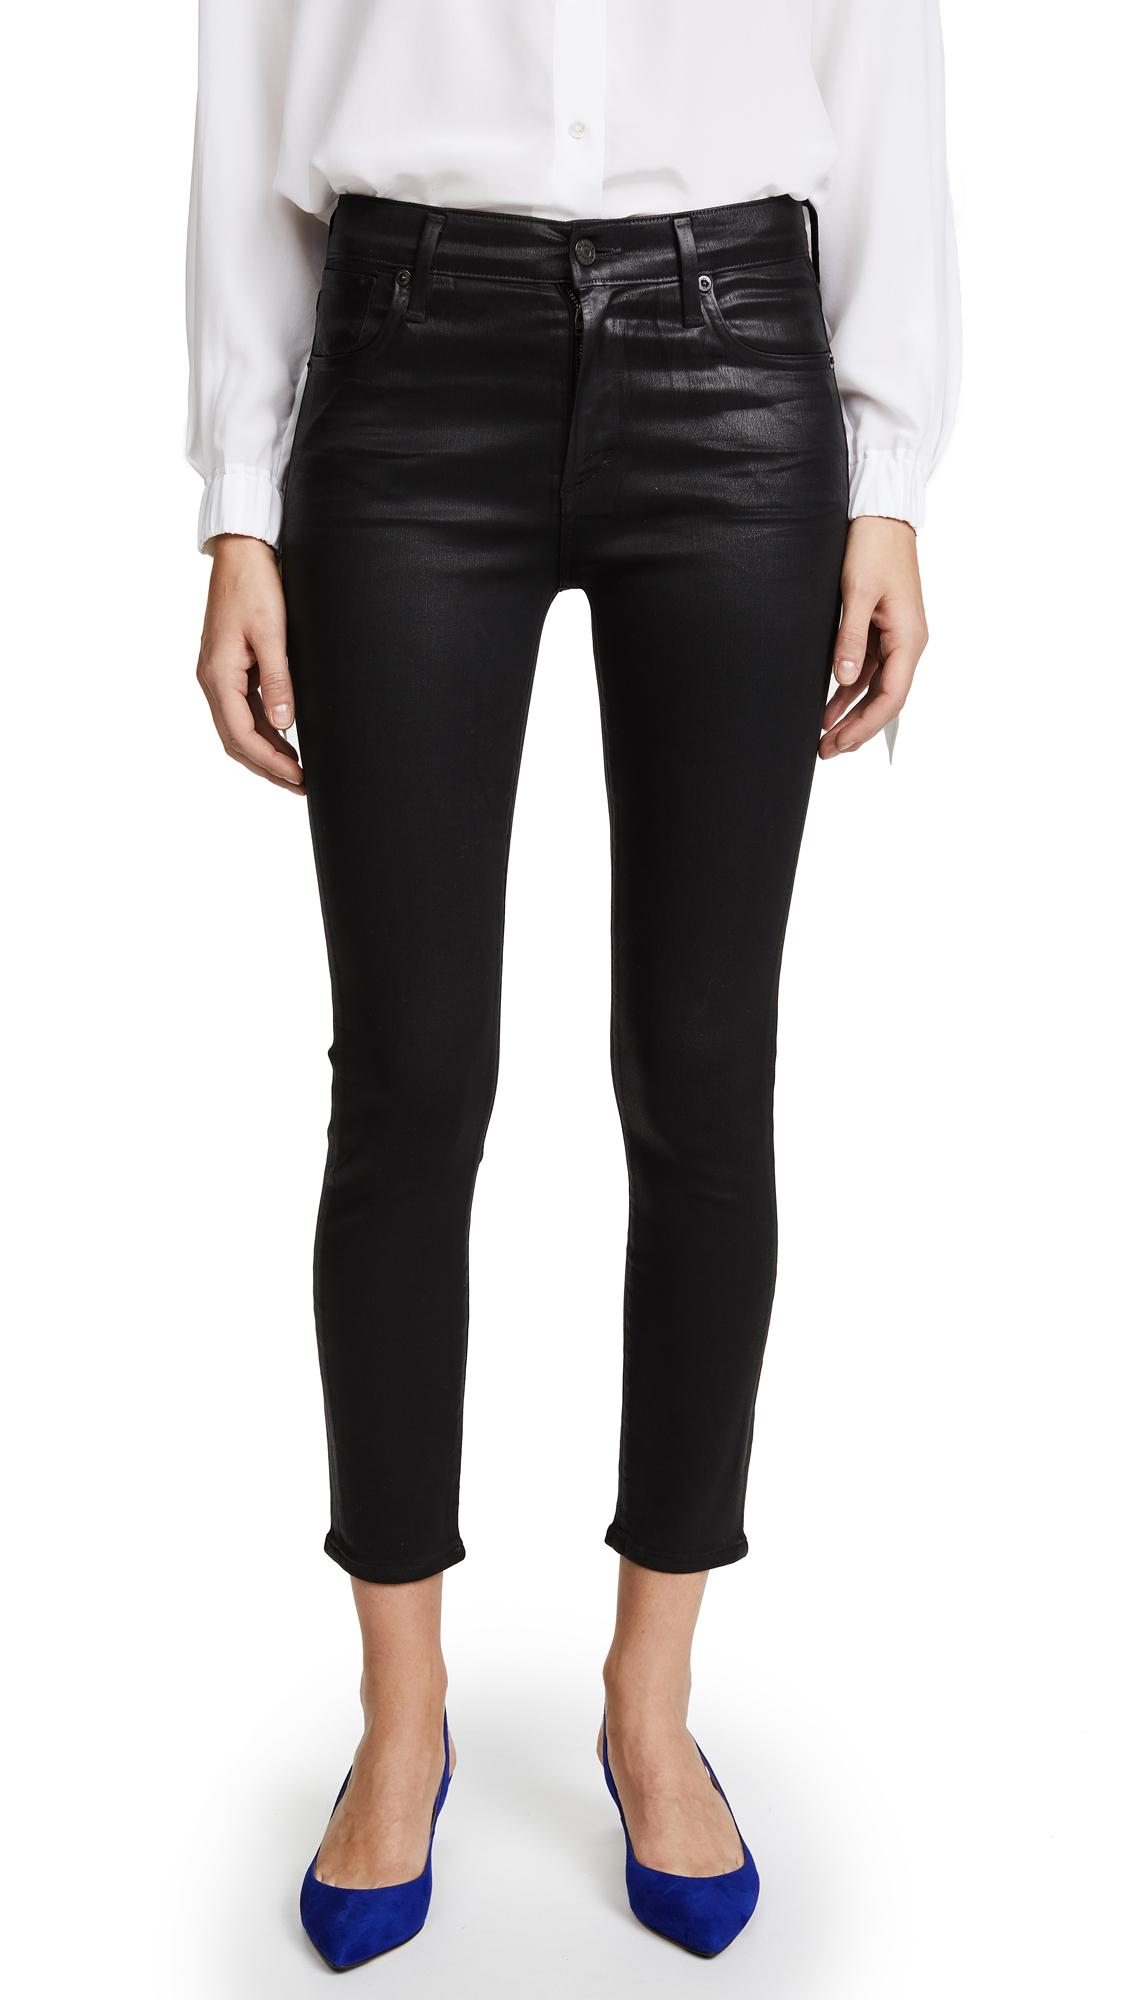 AGOLDE Sophie Hi Rise Skinny Crop Coated Jeans - Black Leatherette